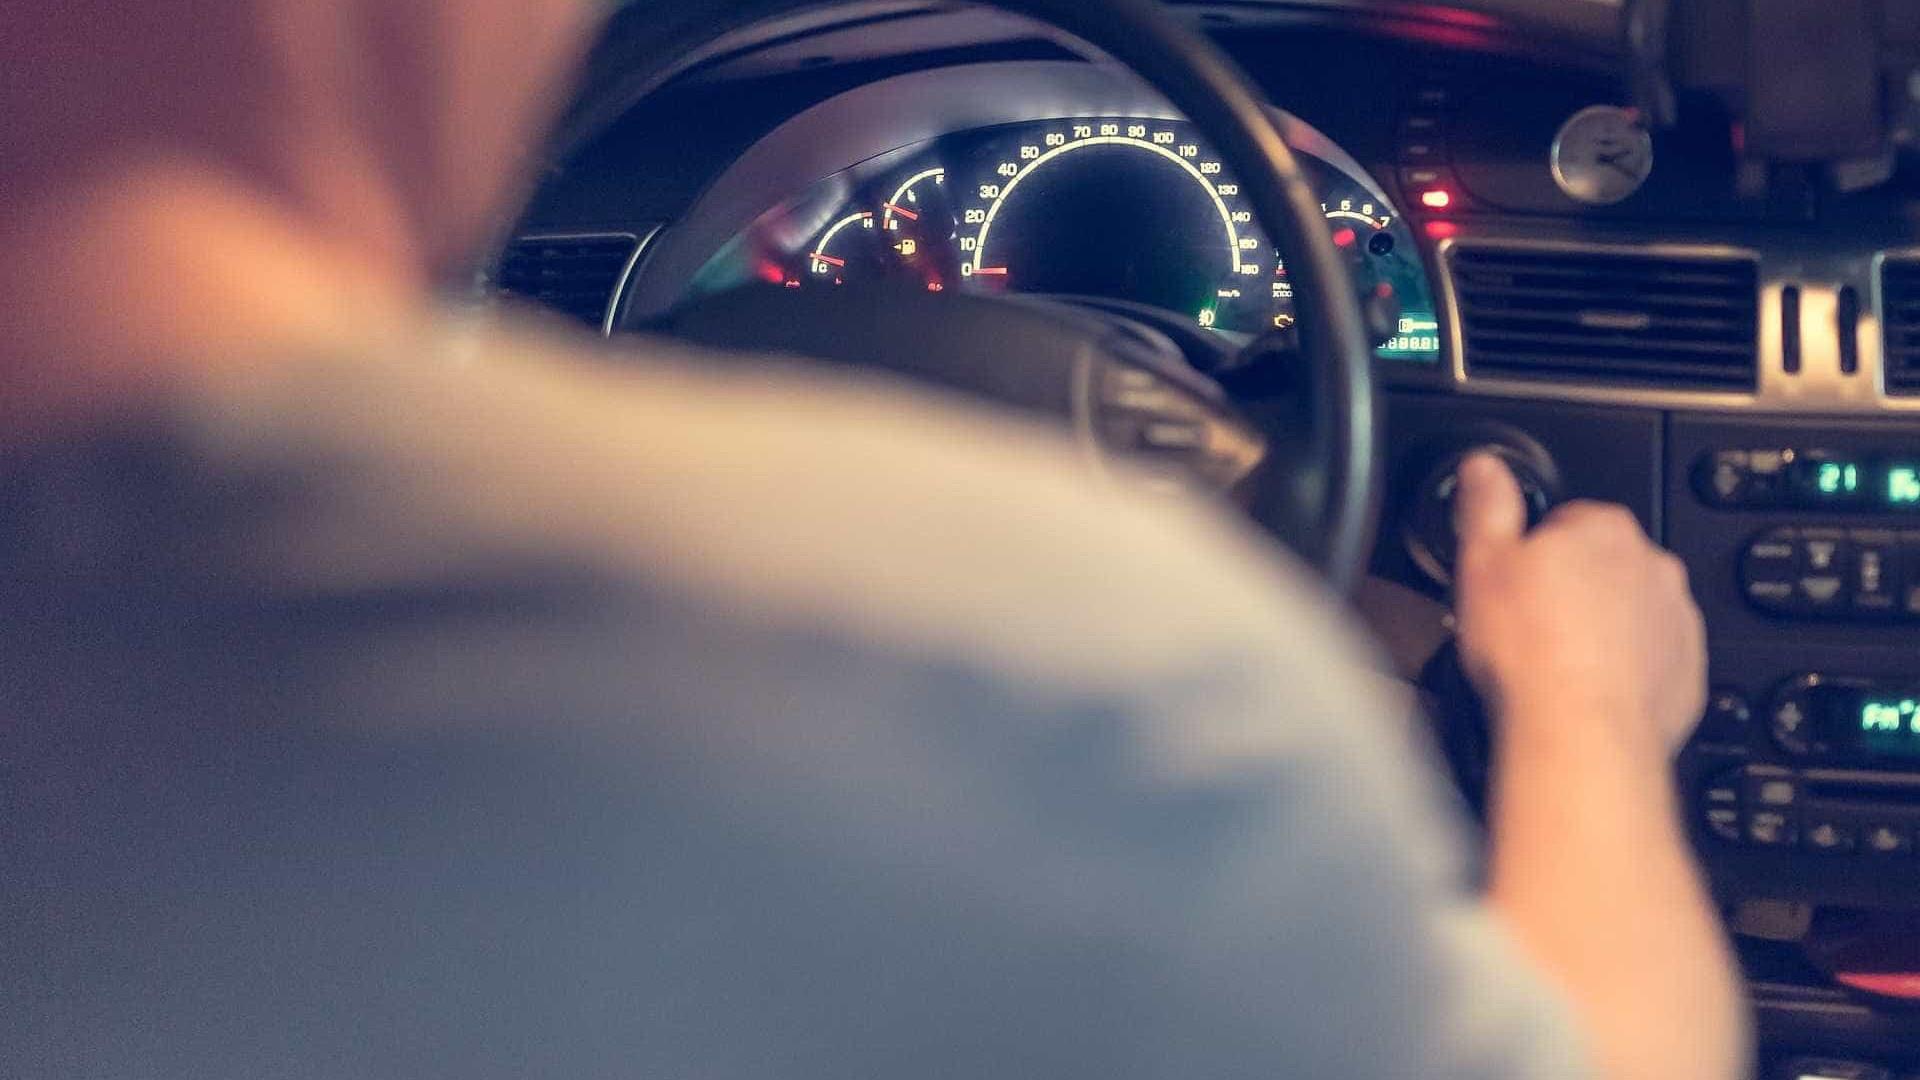 Holanda reduz velocidade máxima a 100 km/h para conter poluição